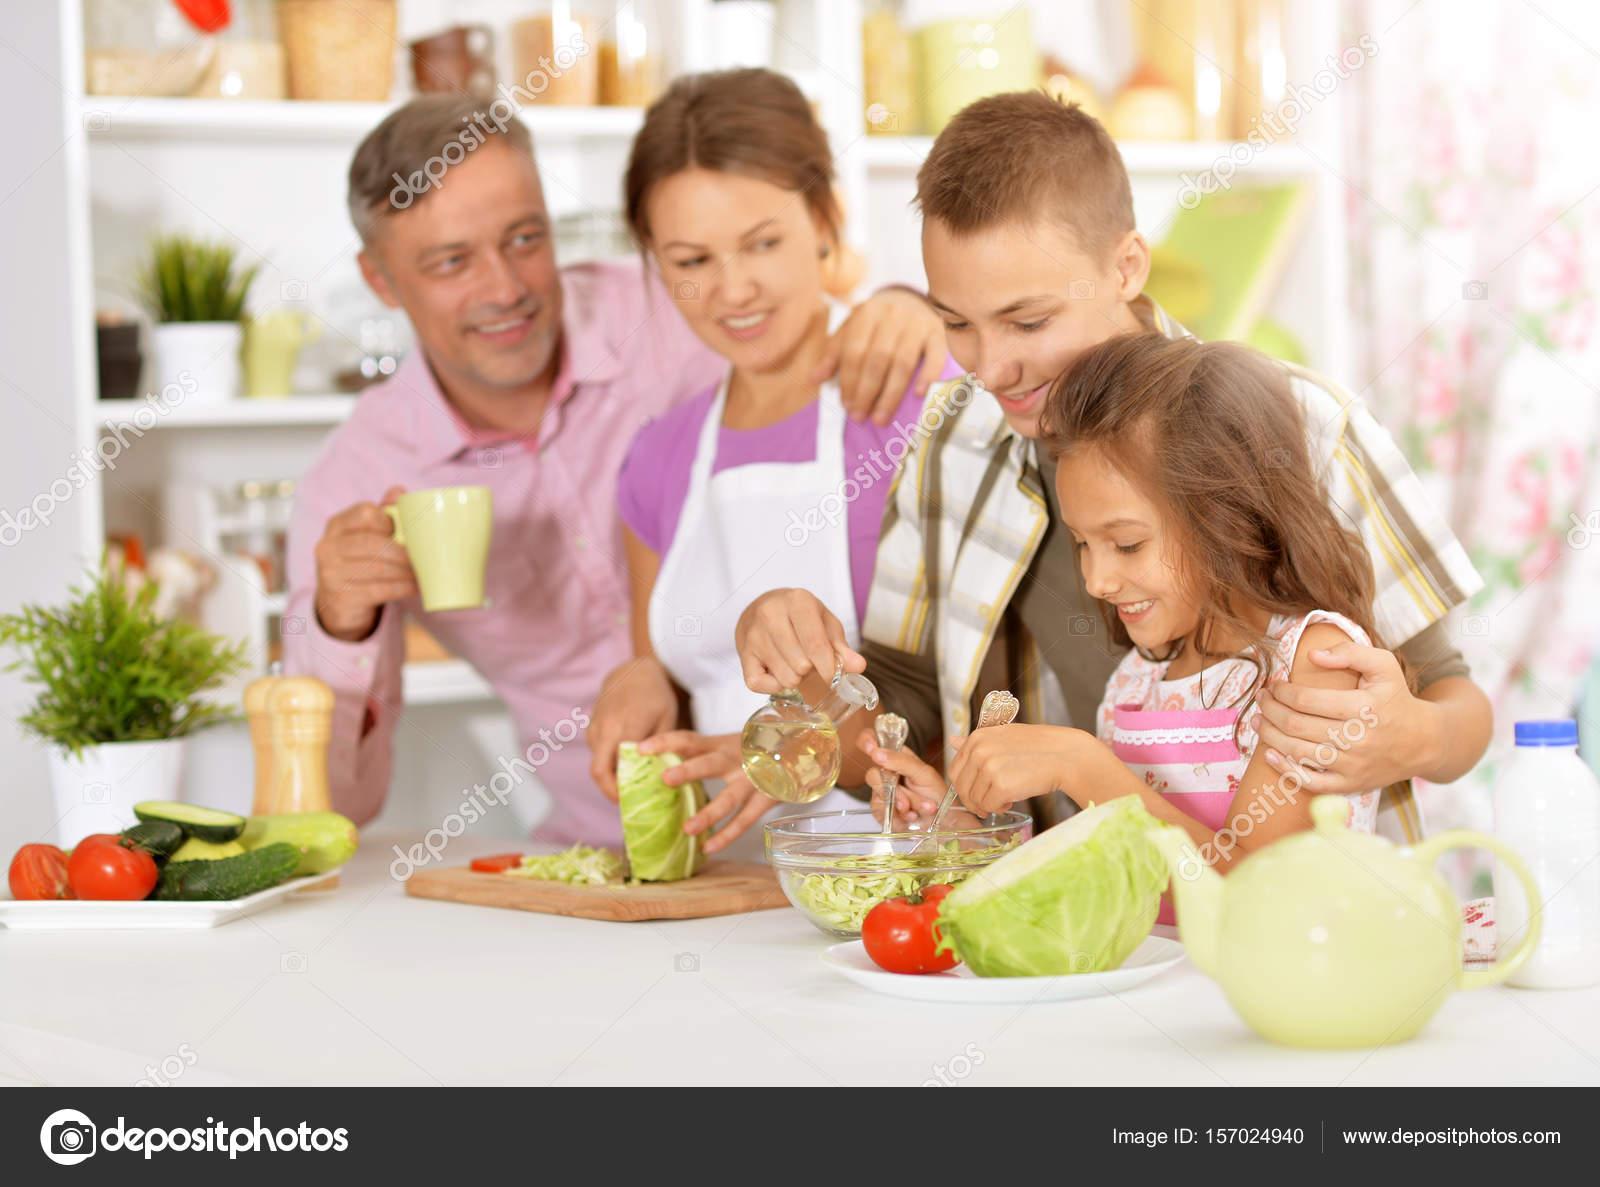 Familia cocina ensalada fotos de stock aletia 157024940 for Canal cocina cocina de familia